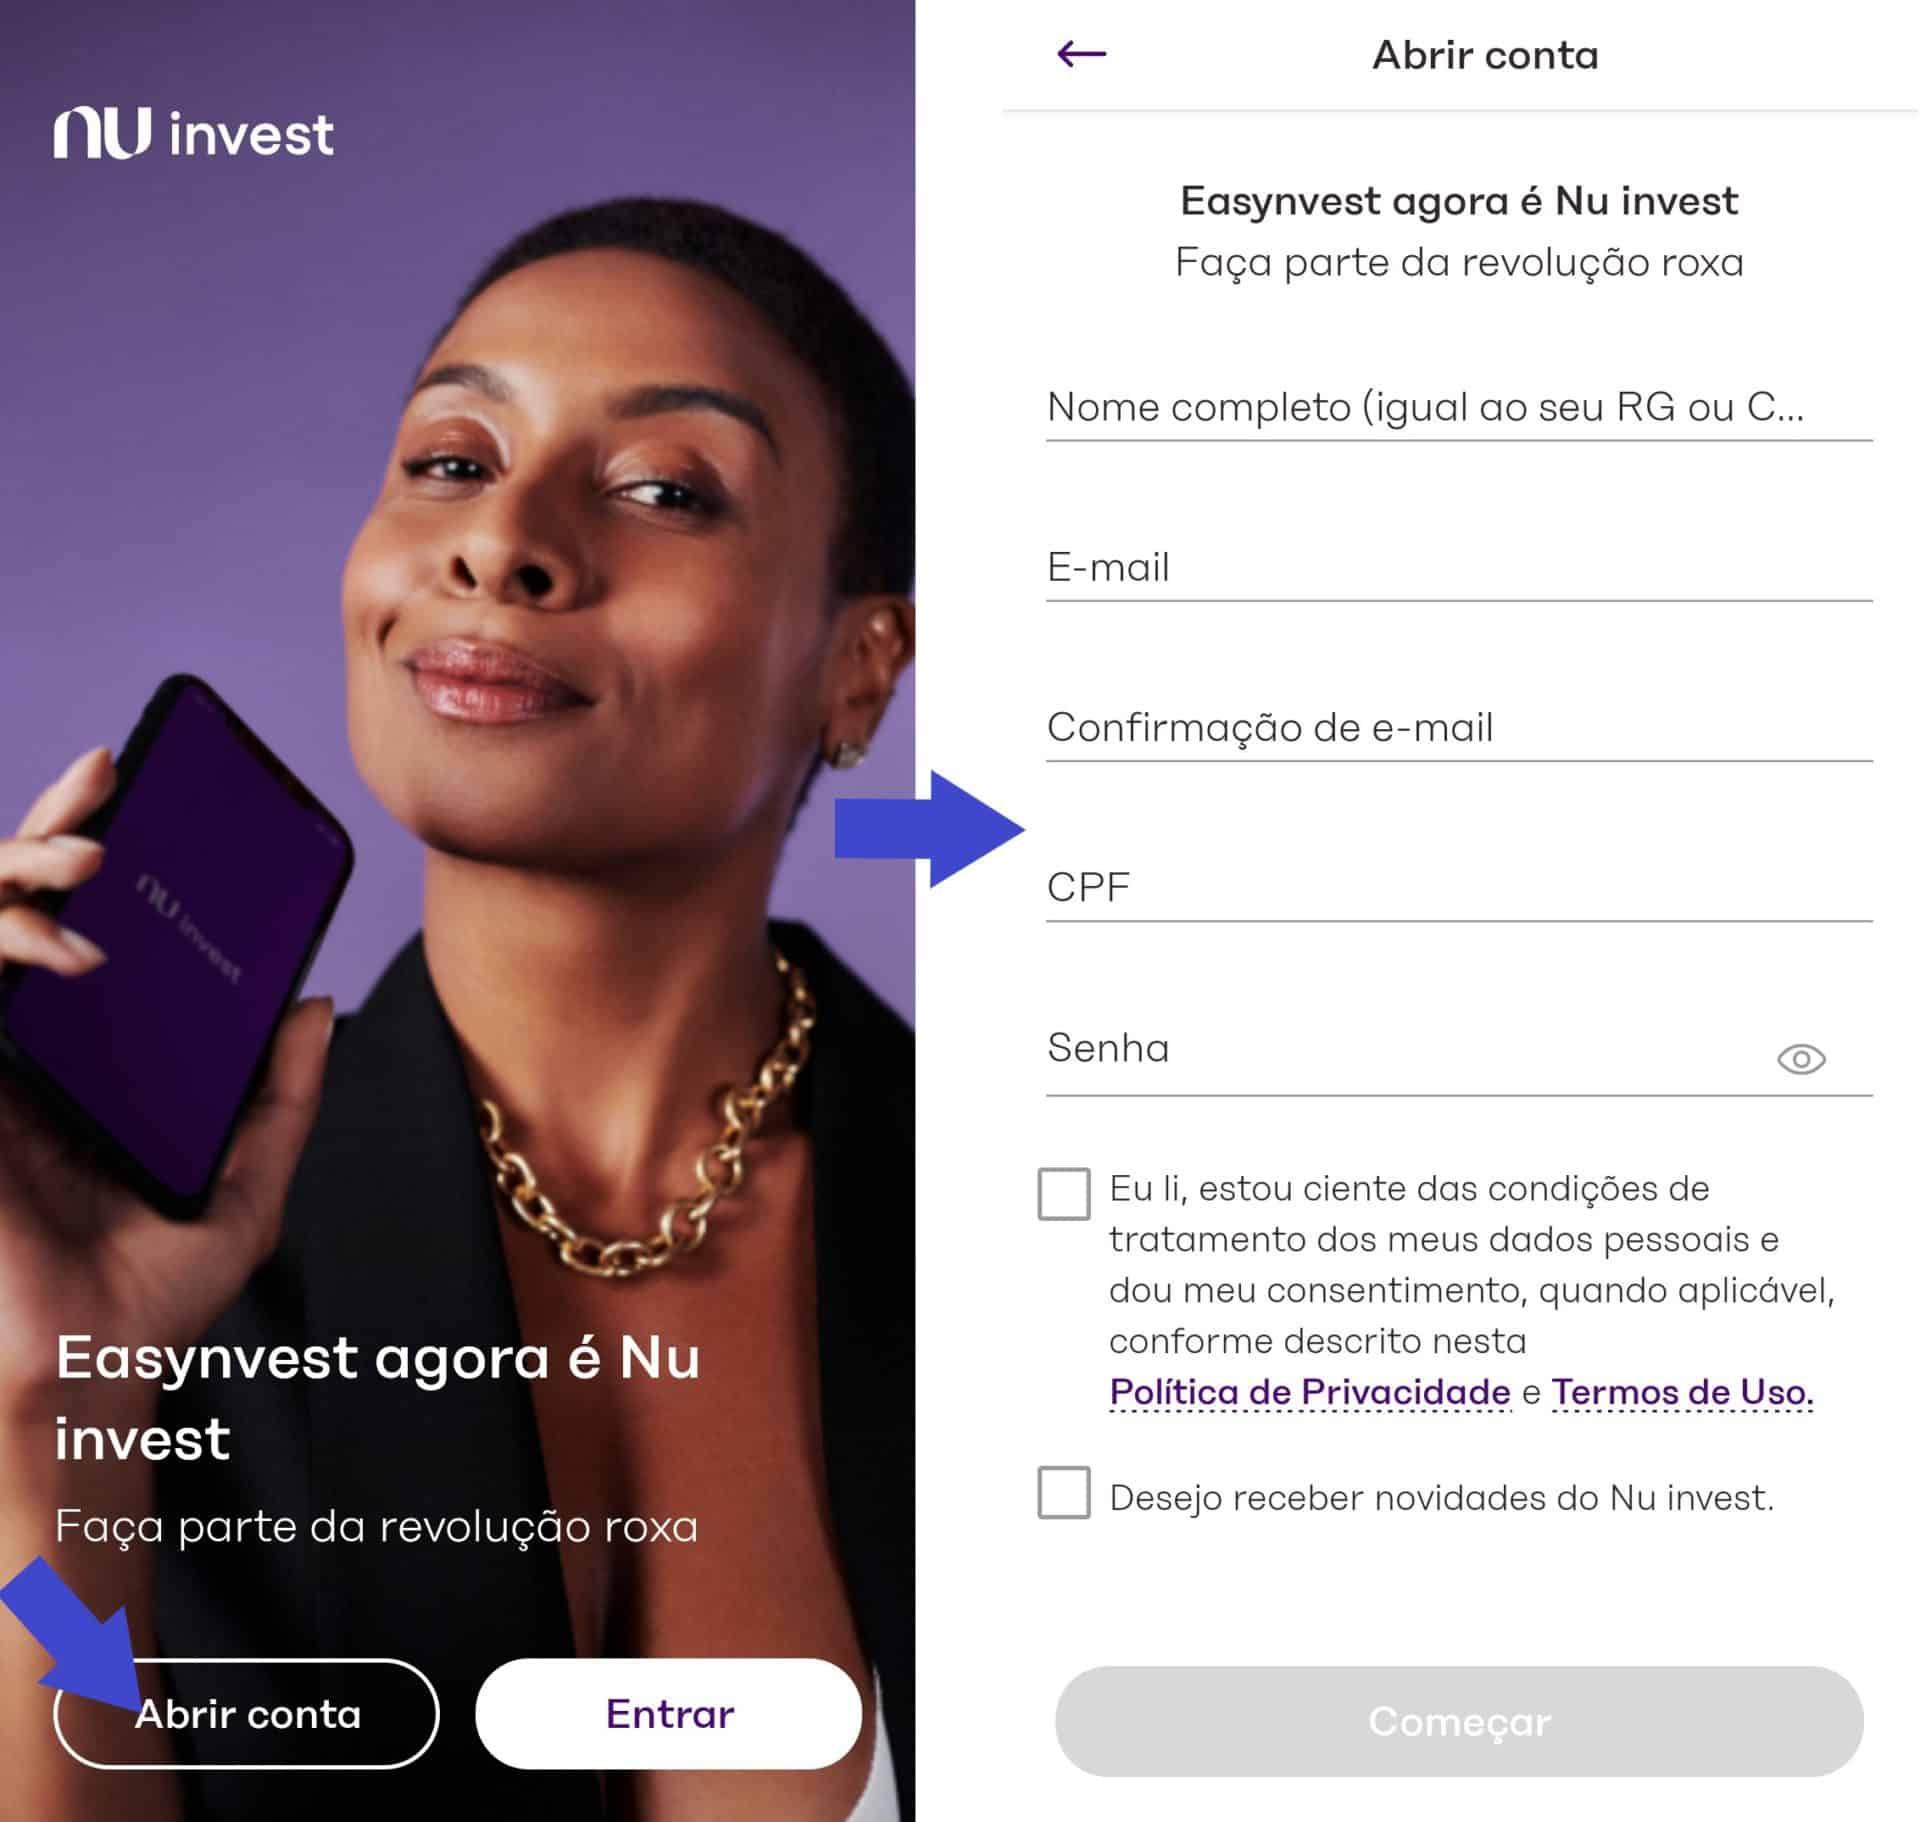 abrir conta no nu invest pelo aplicativo